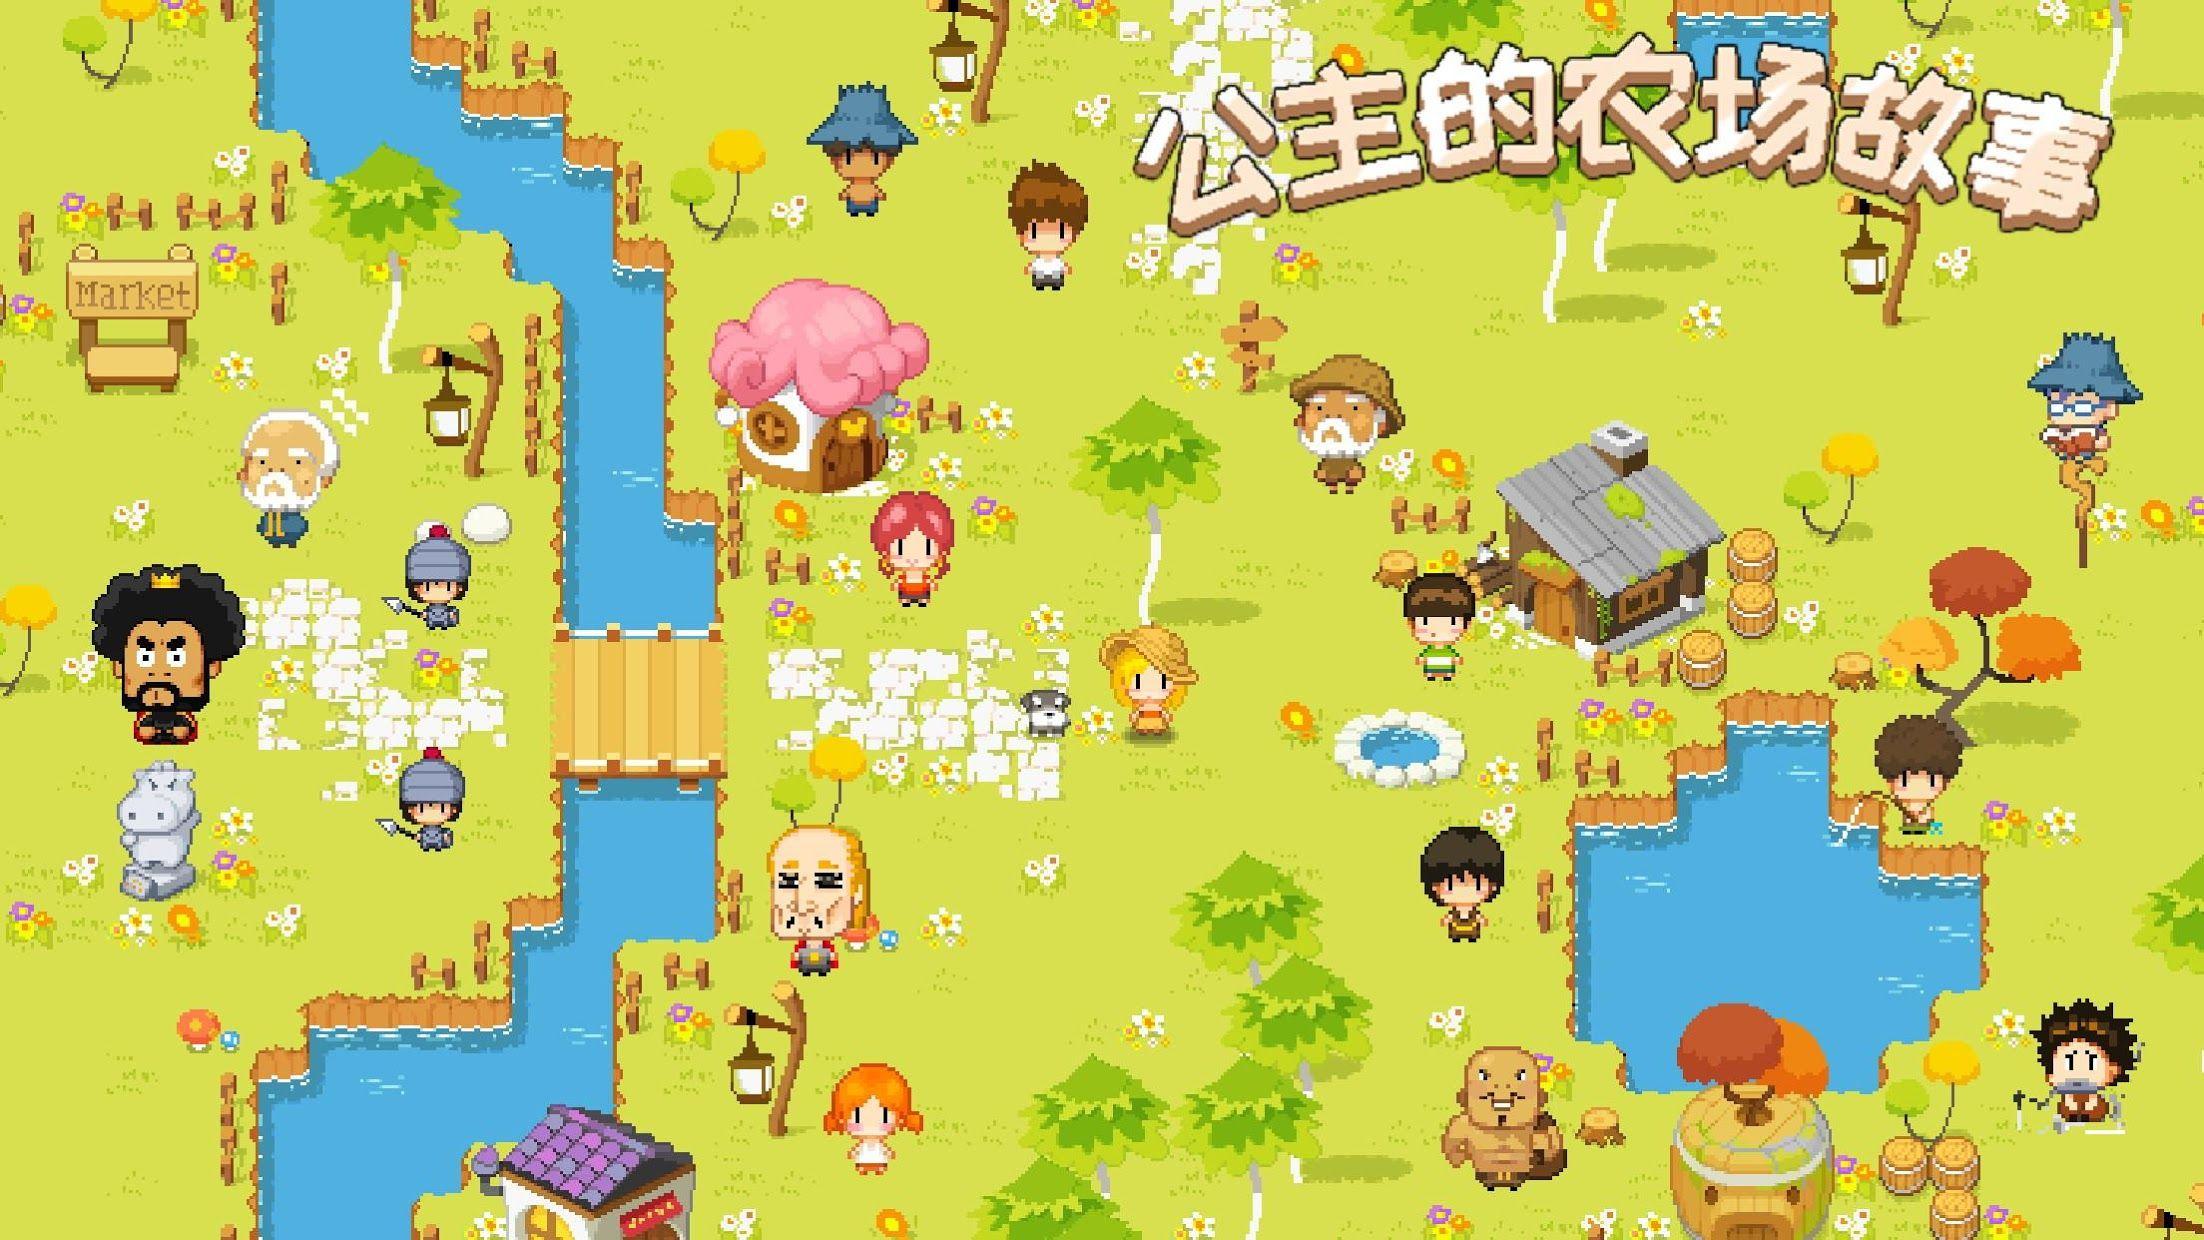 公主的农场故事 游戏截图1